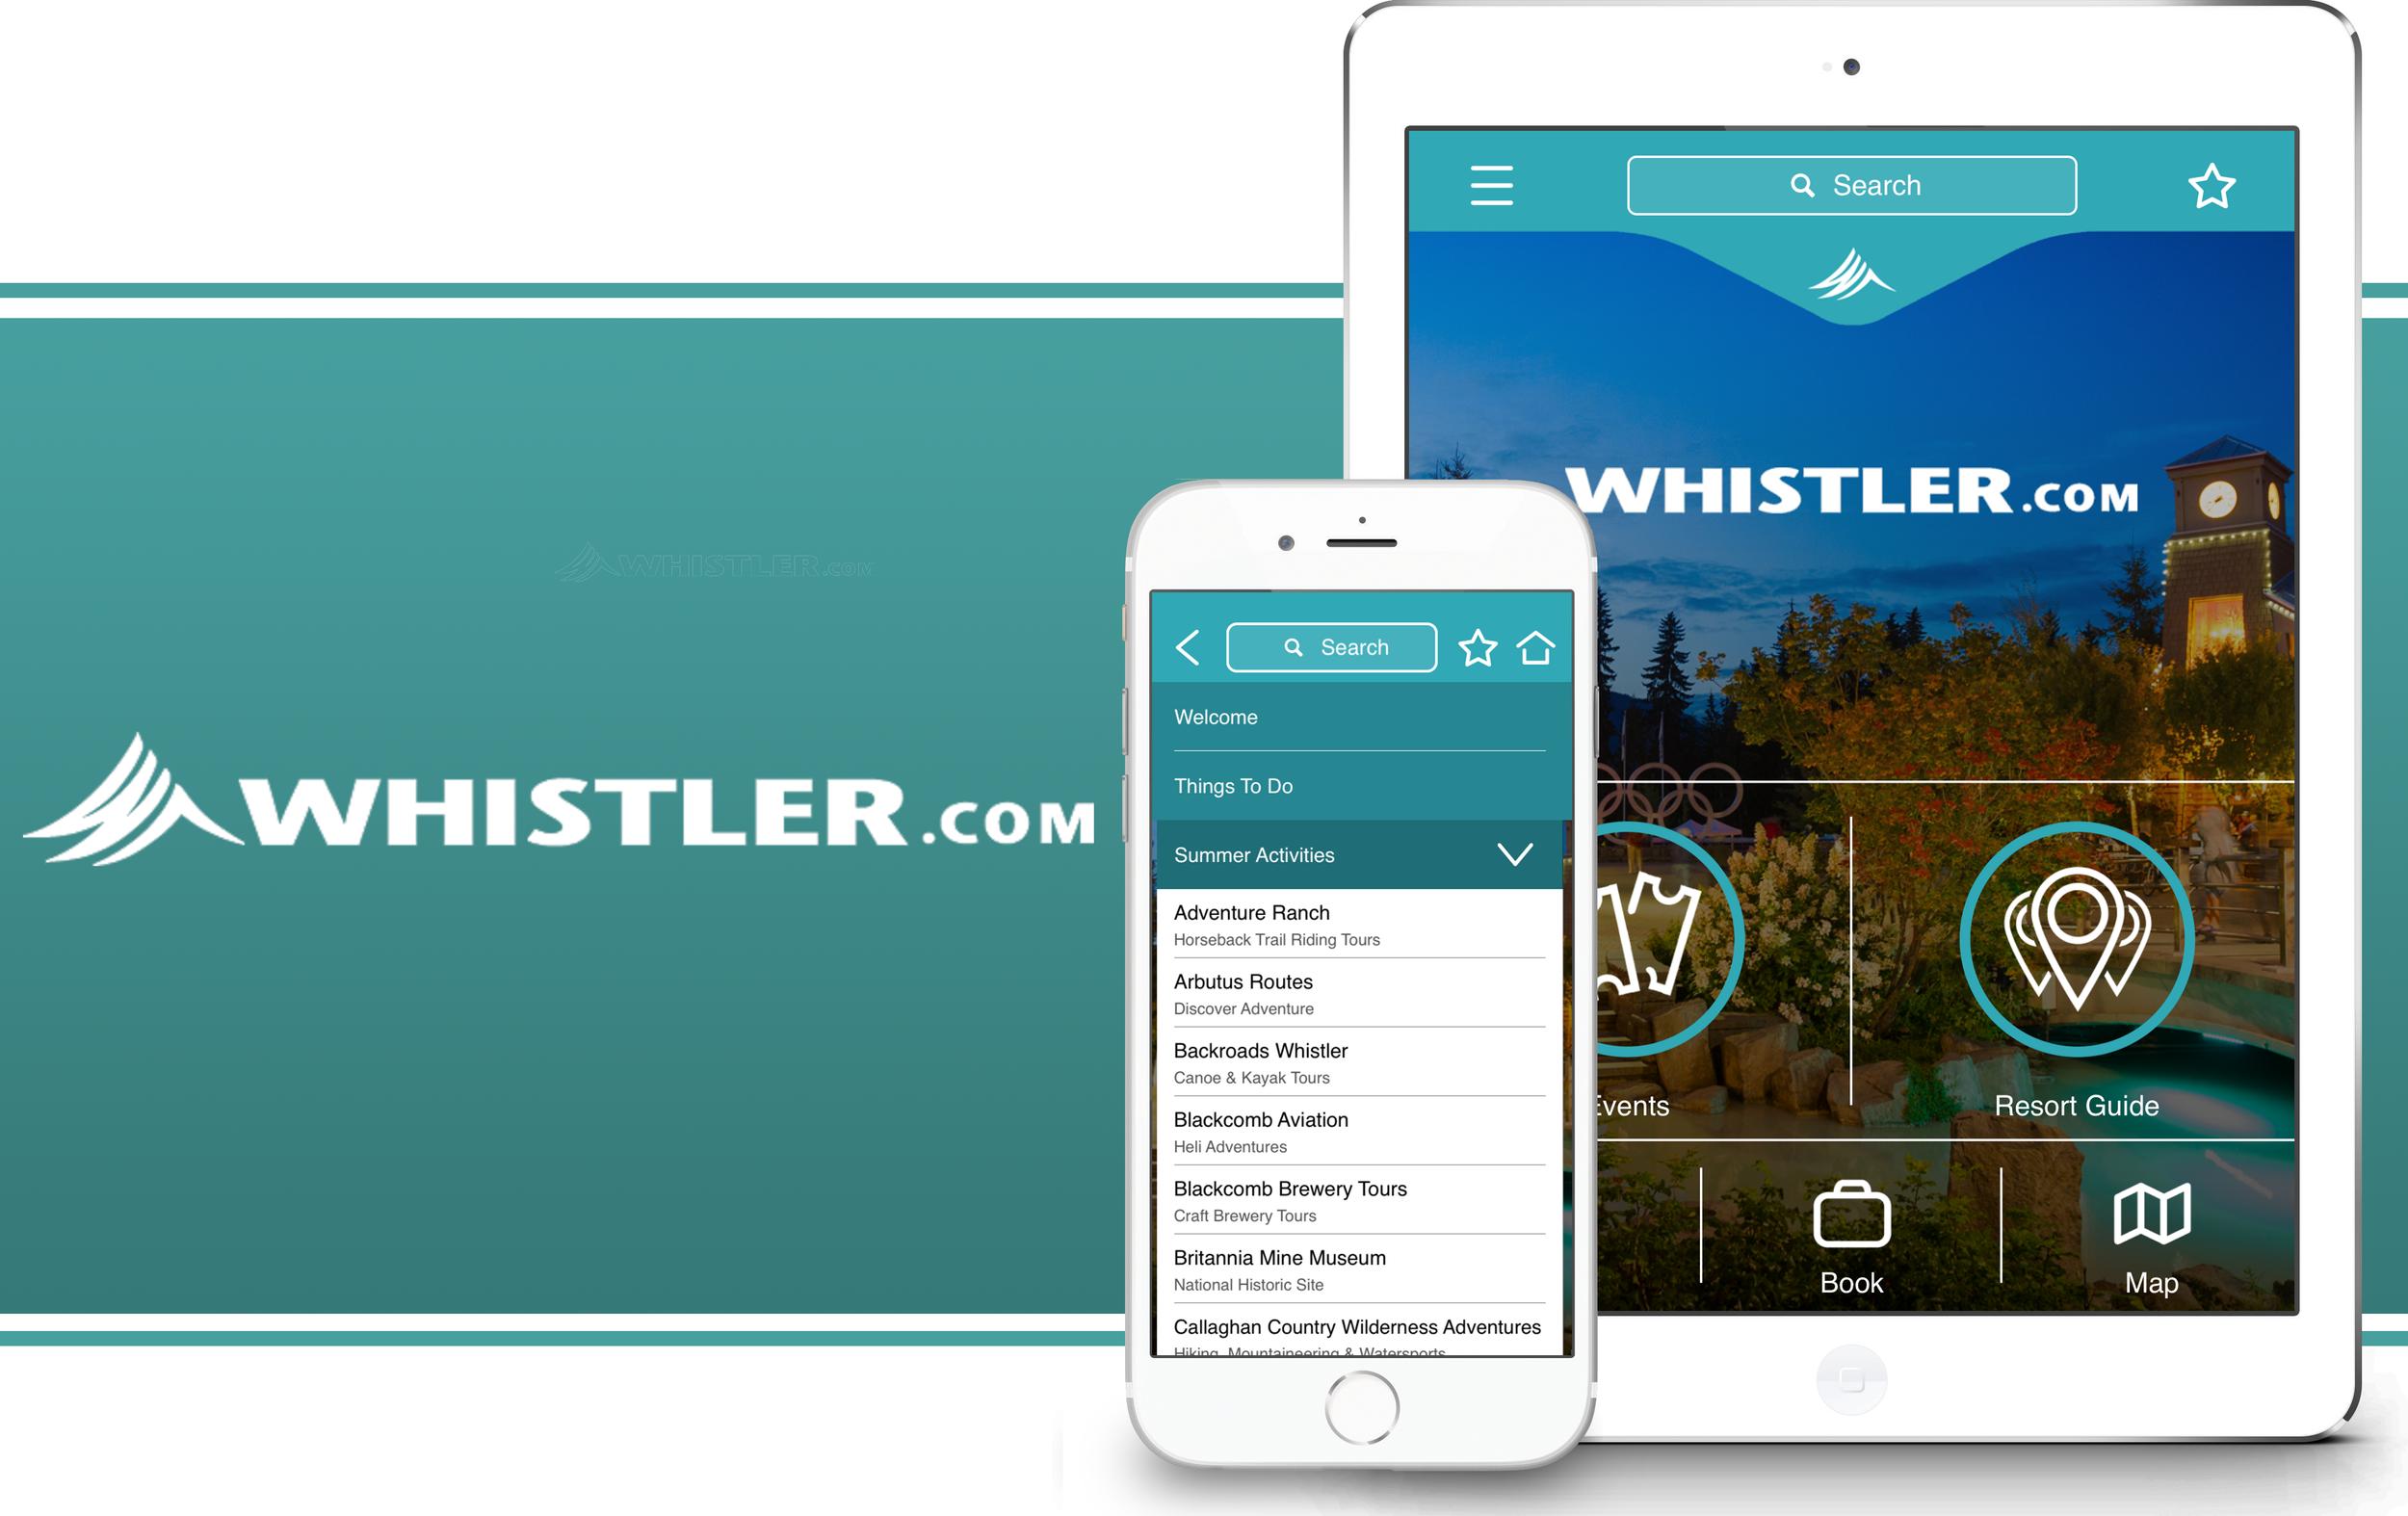 Whistler App Tour